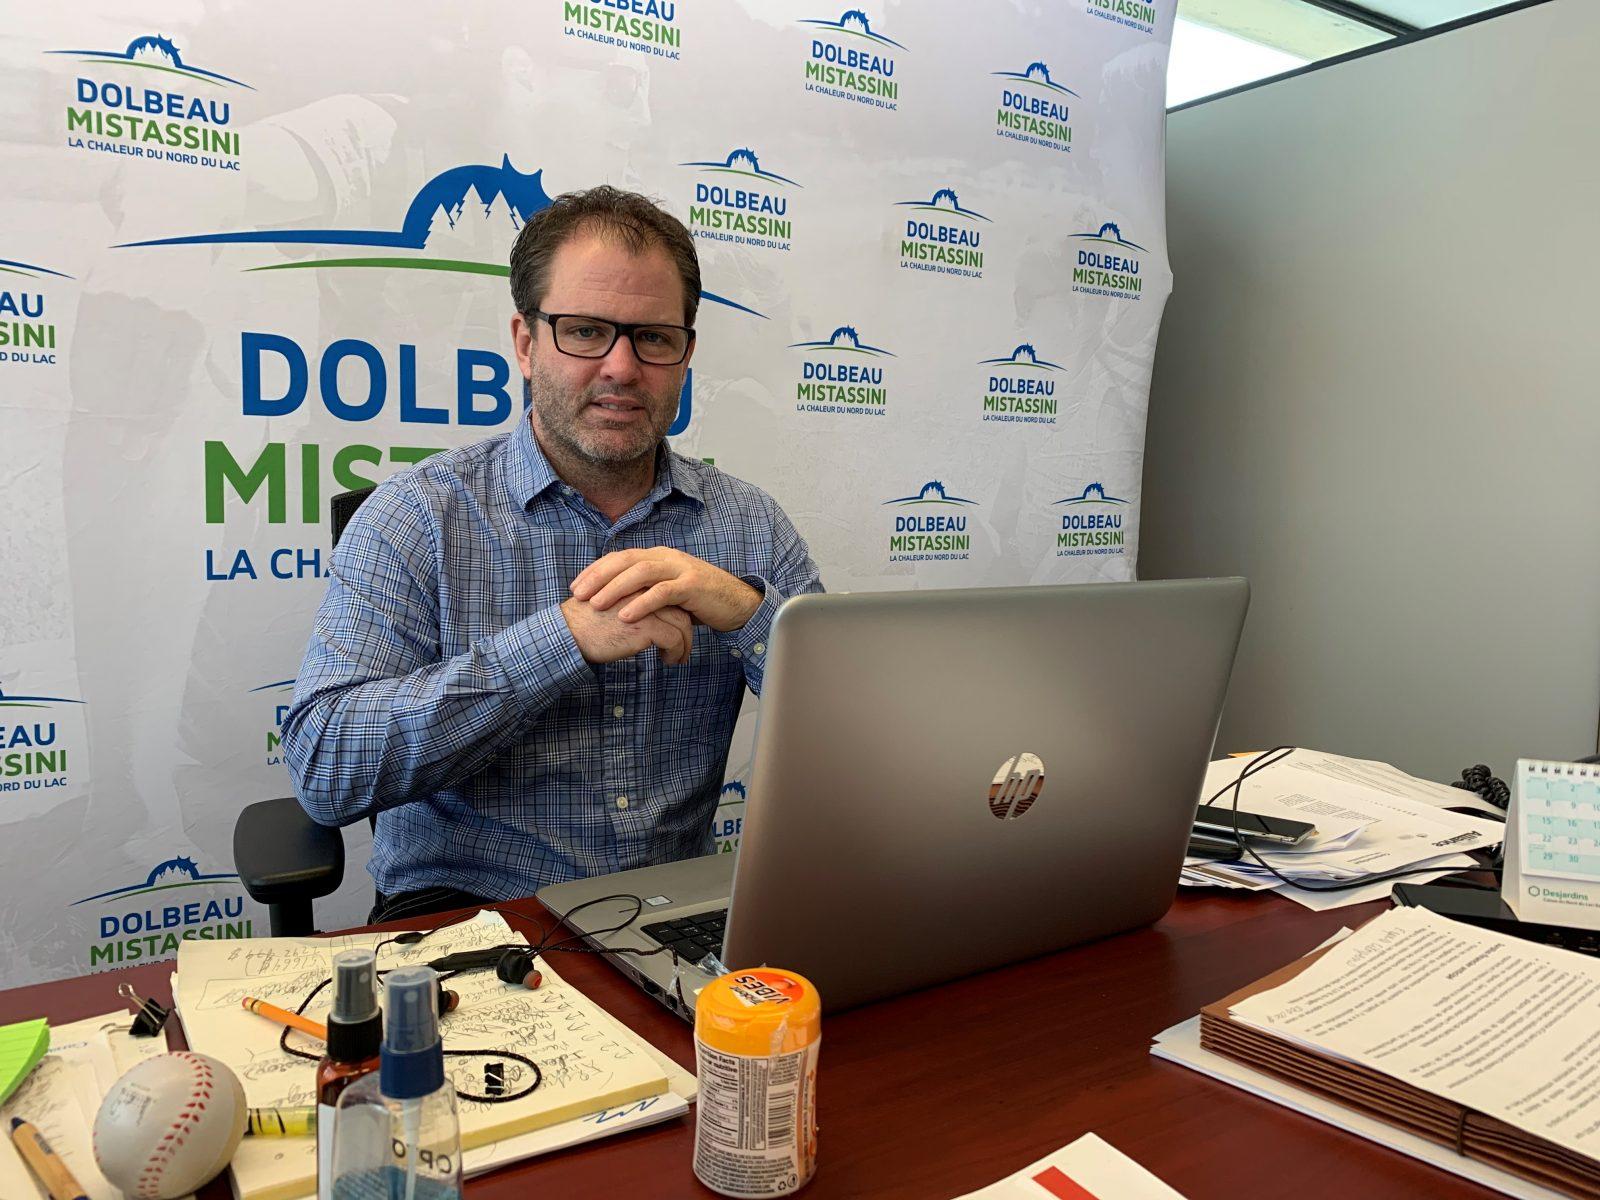 Fonds d'aide aux entreprises : Dolbeau-Mistassini double sa cagnotte